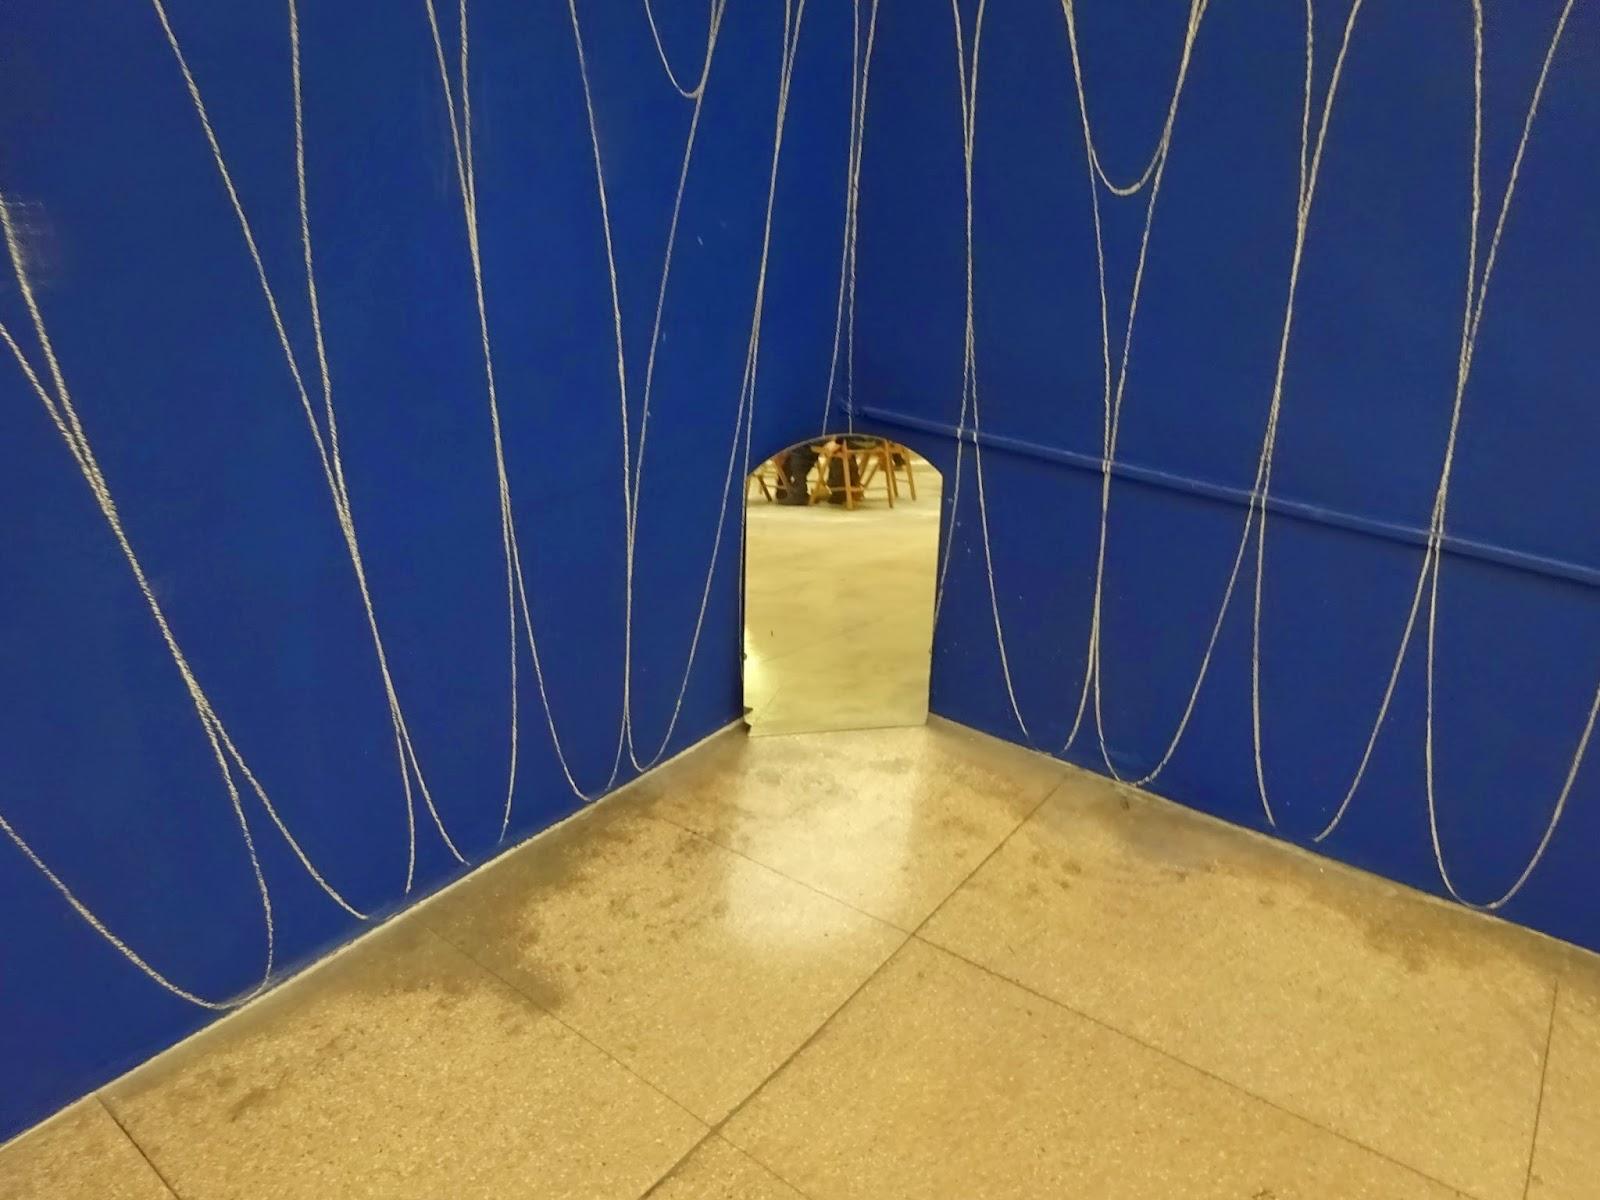 arte Madrid Malasaña Fuencarral 77 cuerpo y poder galería comercial exposición